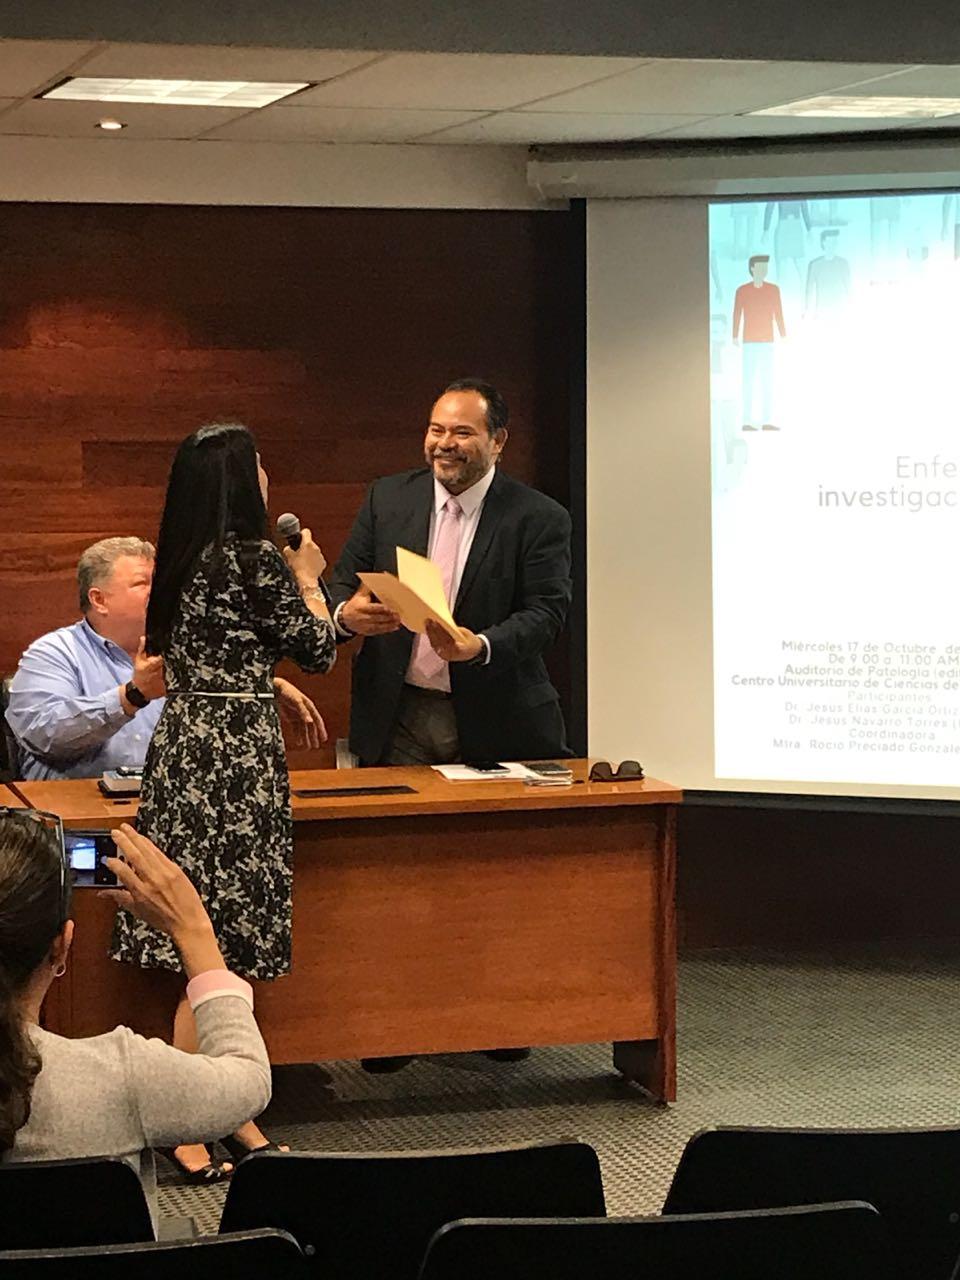 Dr. Elias García recibiendo reconocimiento